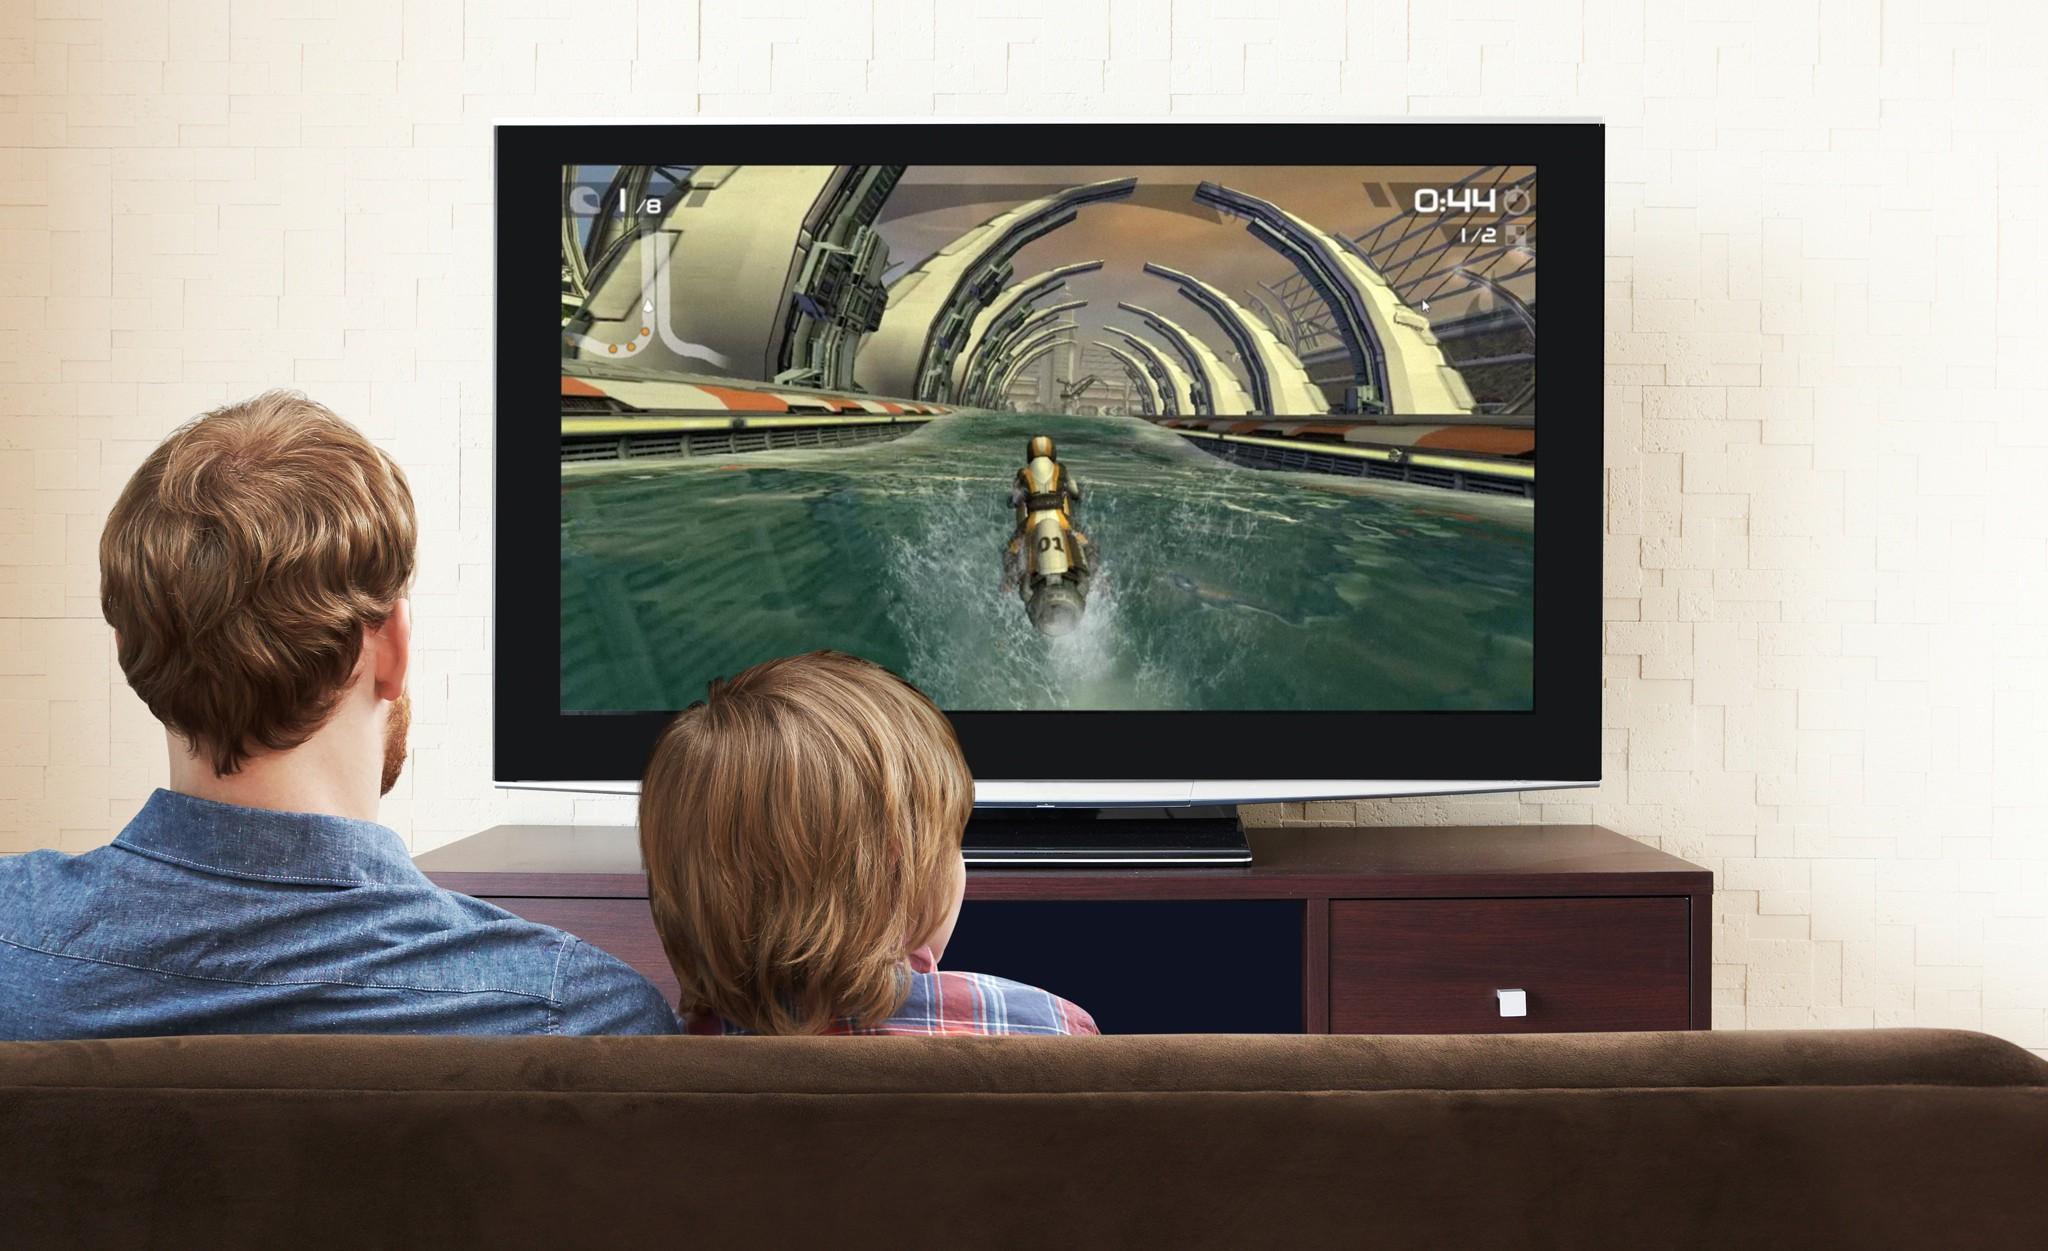 Téléviseur & internet